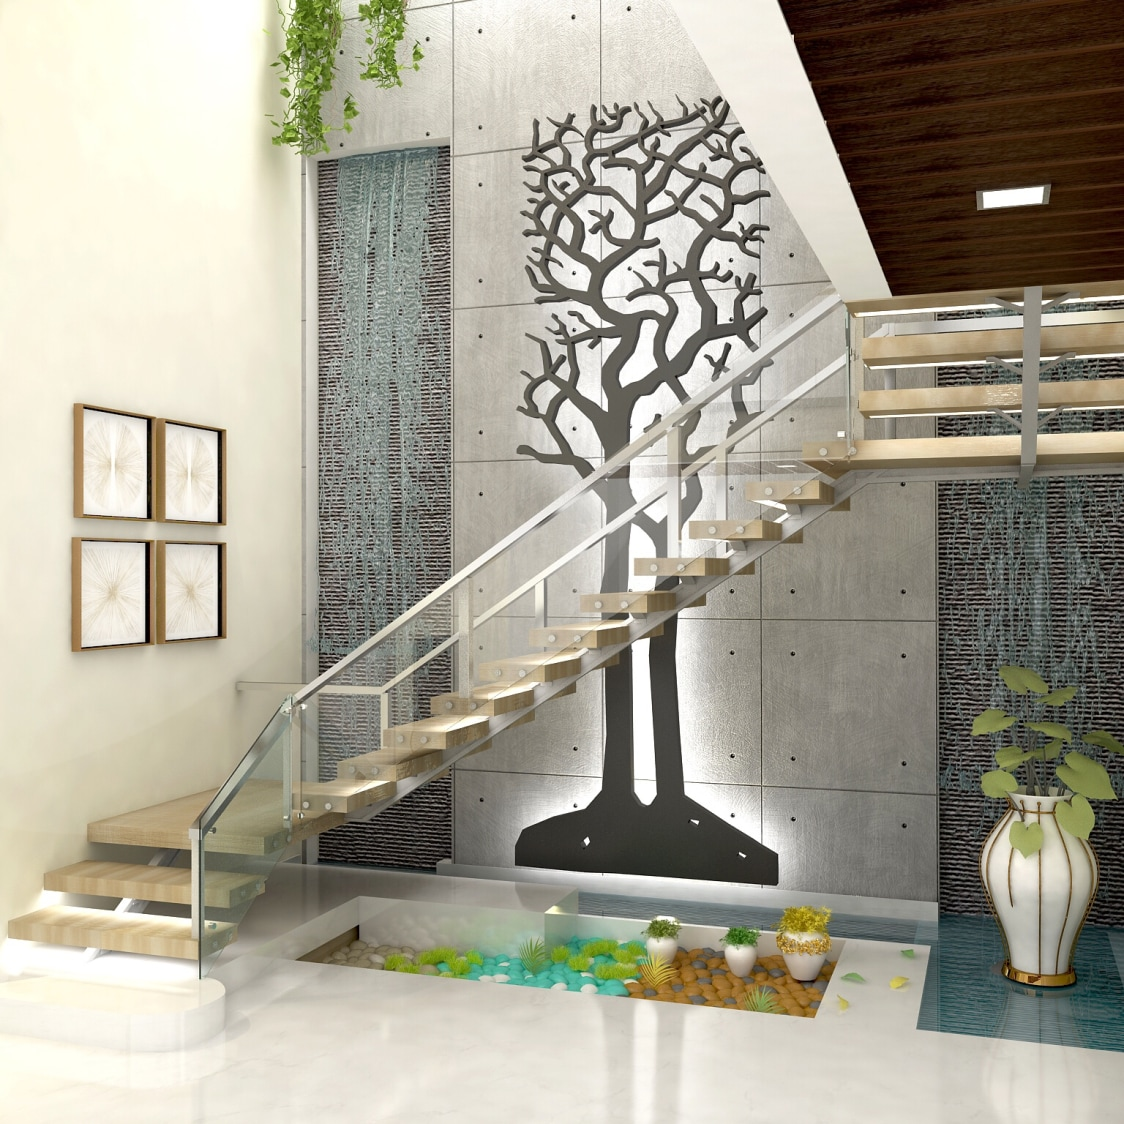 Rustic living room by setu.patel Indoor-spaces | Interior Design Photos & Ideas